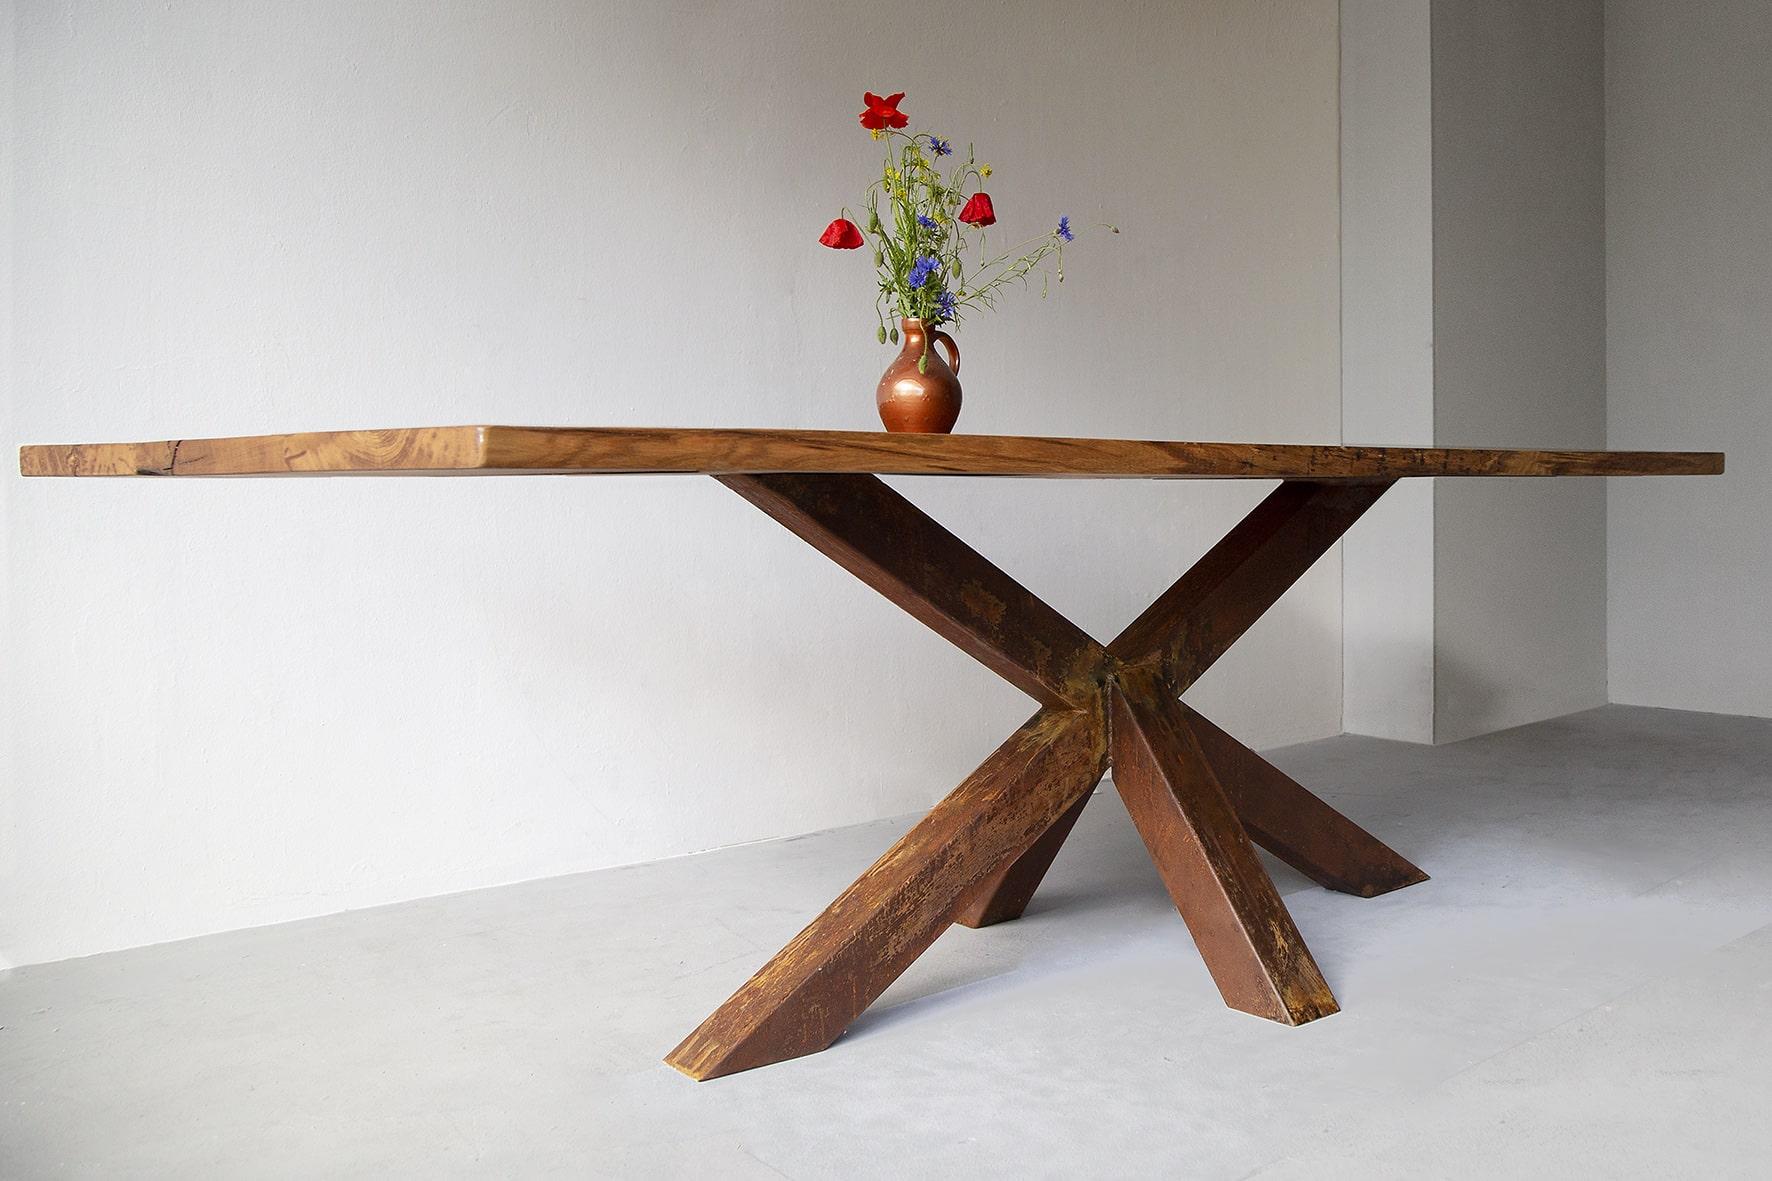 Der Tisch Erika erzählt eine Geschichte von Kontrasten: Massives, kühles Eisen trifft auf warmes und lebendiges Altholz aus Eiche.